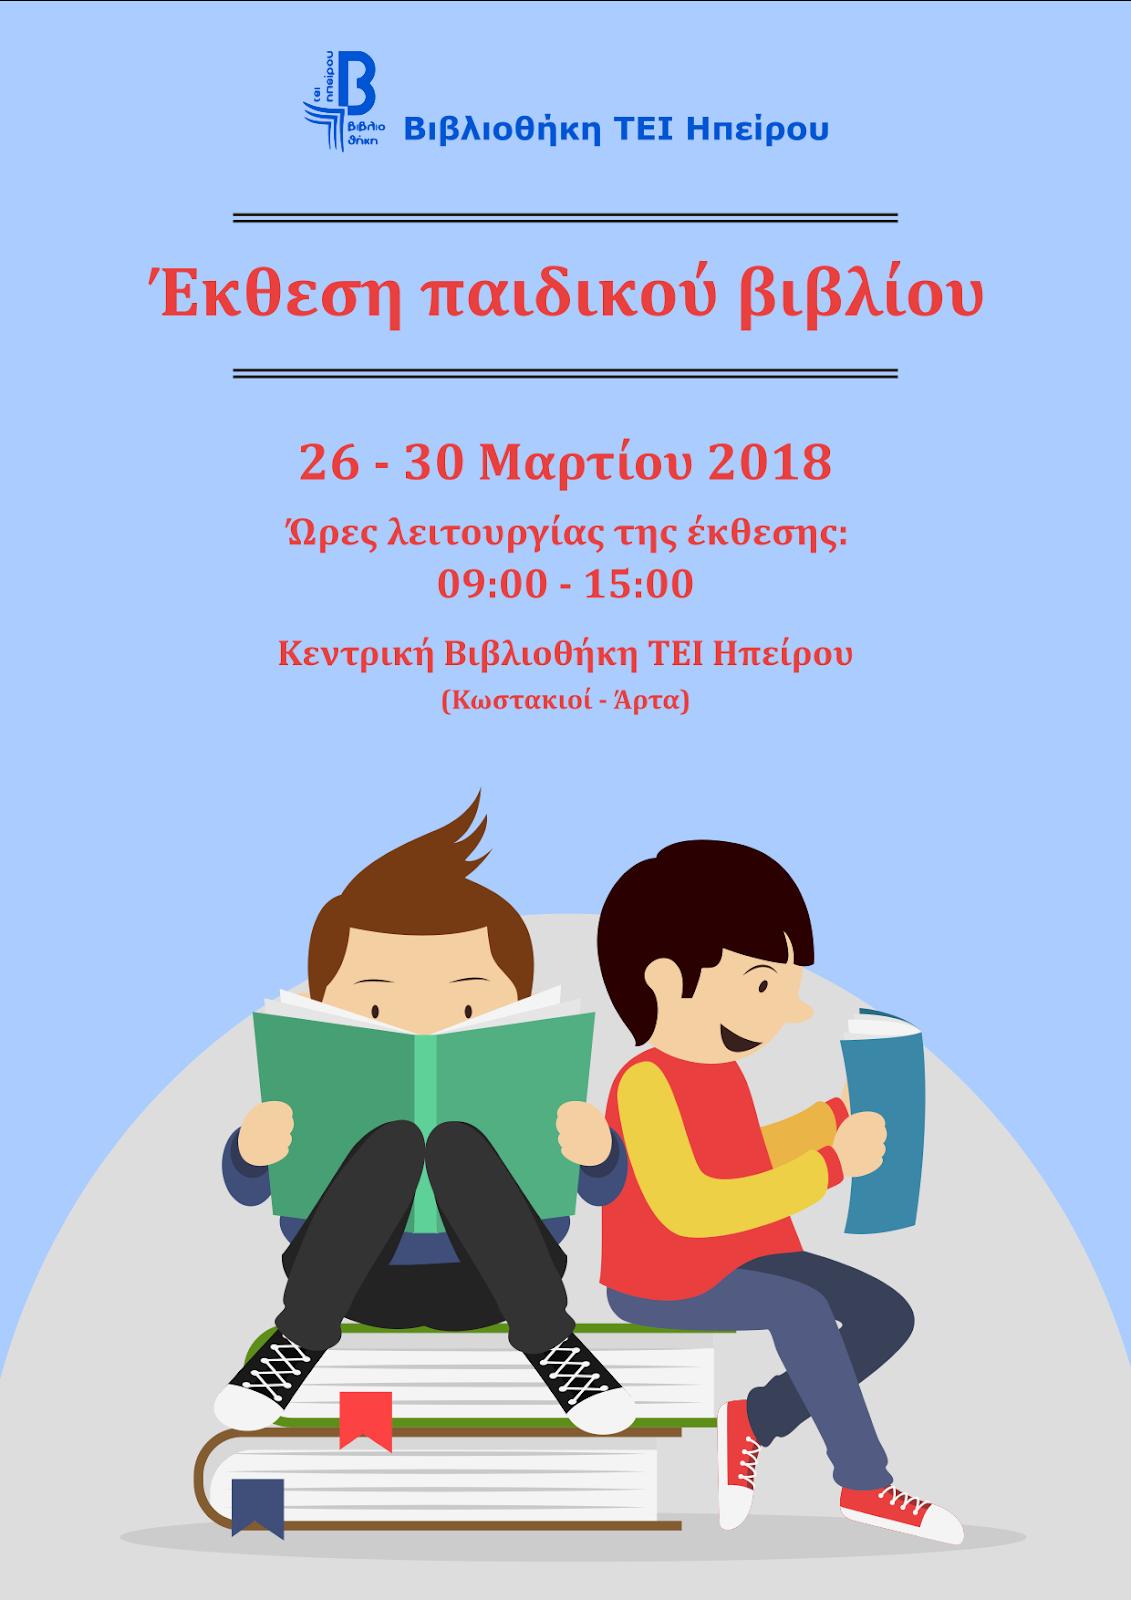 ΤΕΙ Ηπείρου:Έκθεση παιδικού βιβλίου 26-30 Μαρτίου